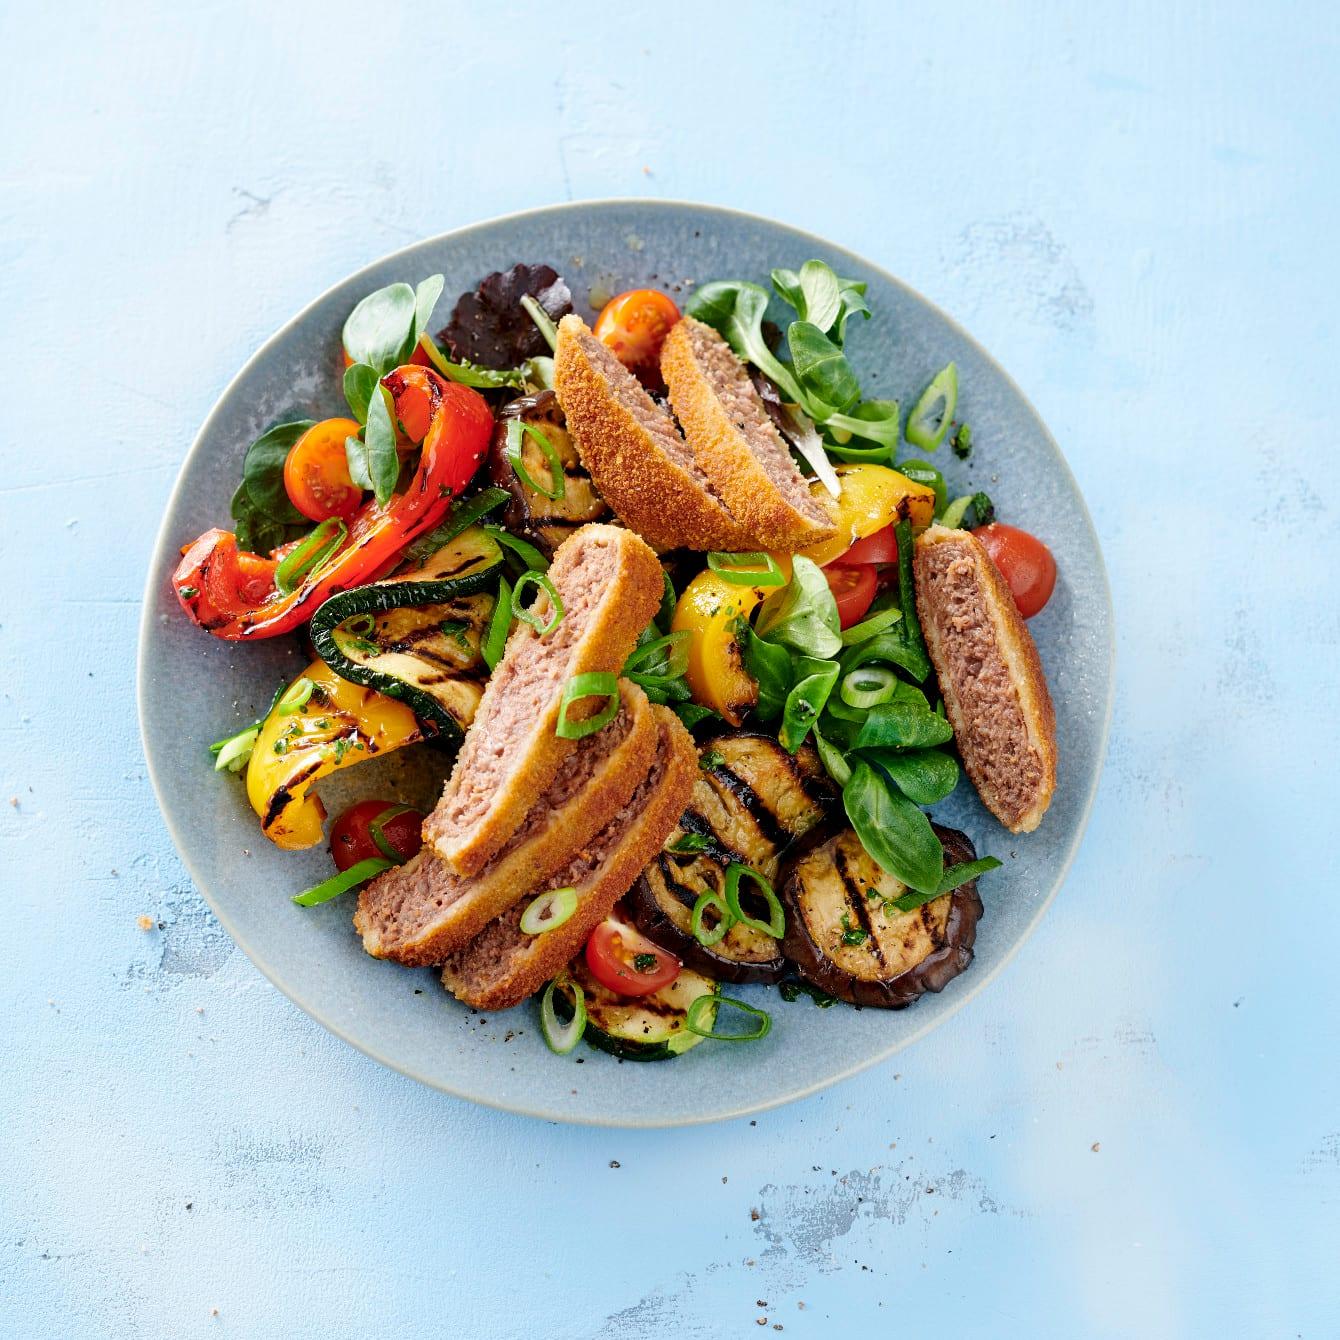 Salade met gepaneerde hamburgers en gegrilde groenten